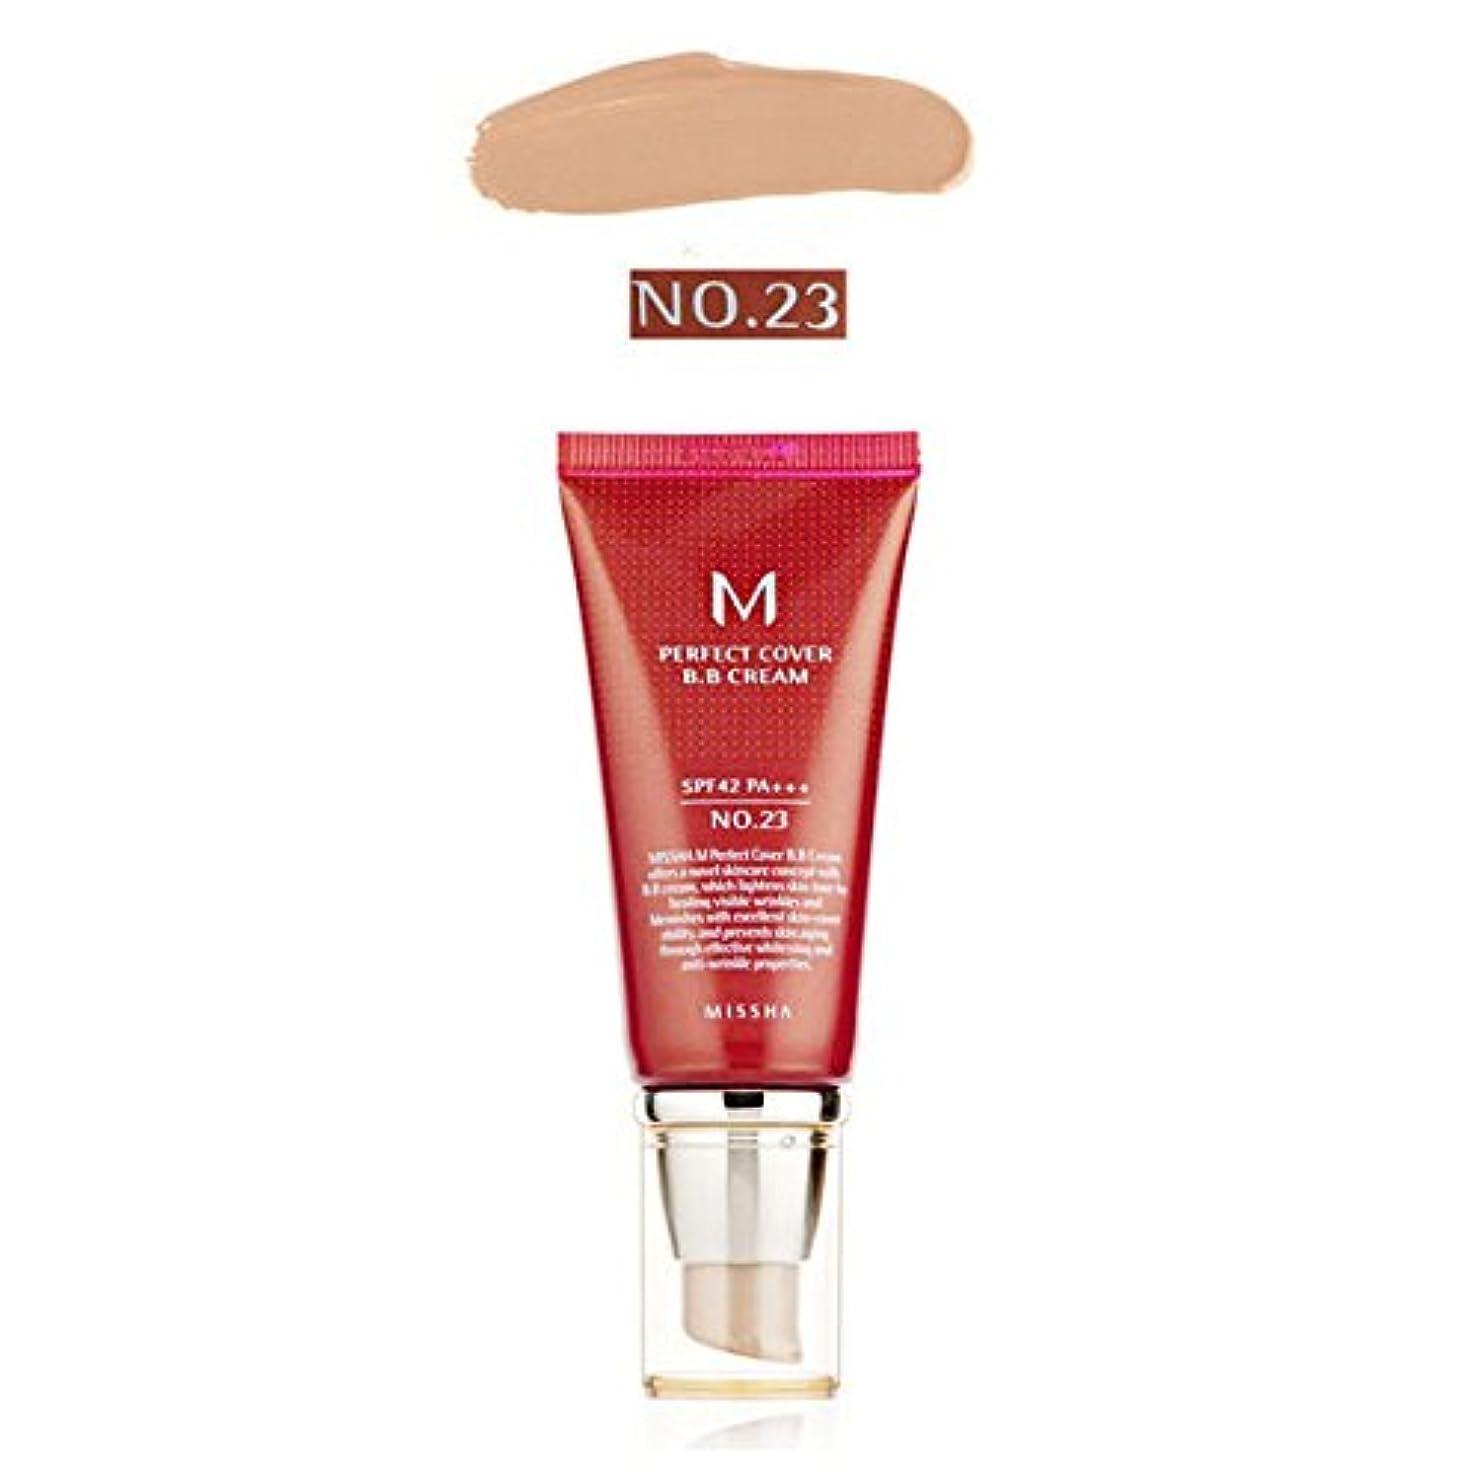 シャッフルクランシー理容室[ミシャ] MISSHA [M パーフェクト カバー BBクリーム 21号 / 23号50ml] (M Perfect Cover BB cream 21号 / 23号 50ml) SPF42 PA+++ (Type2...